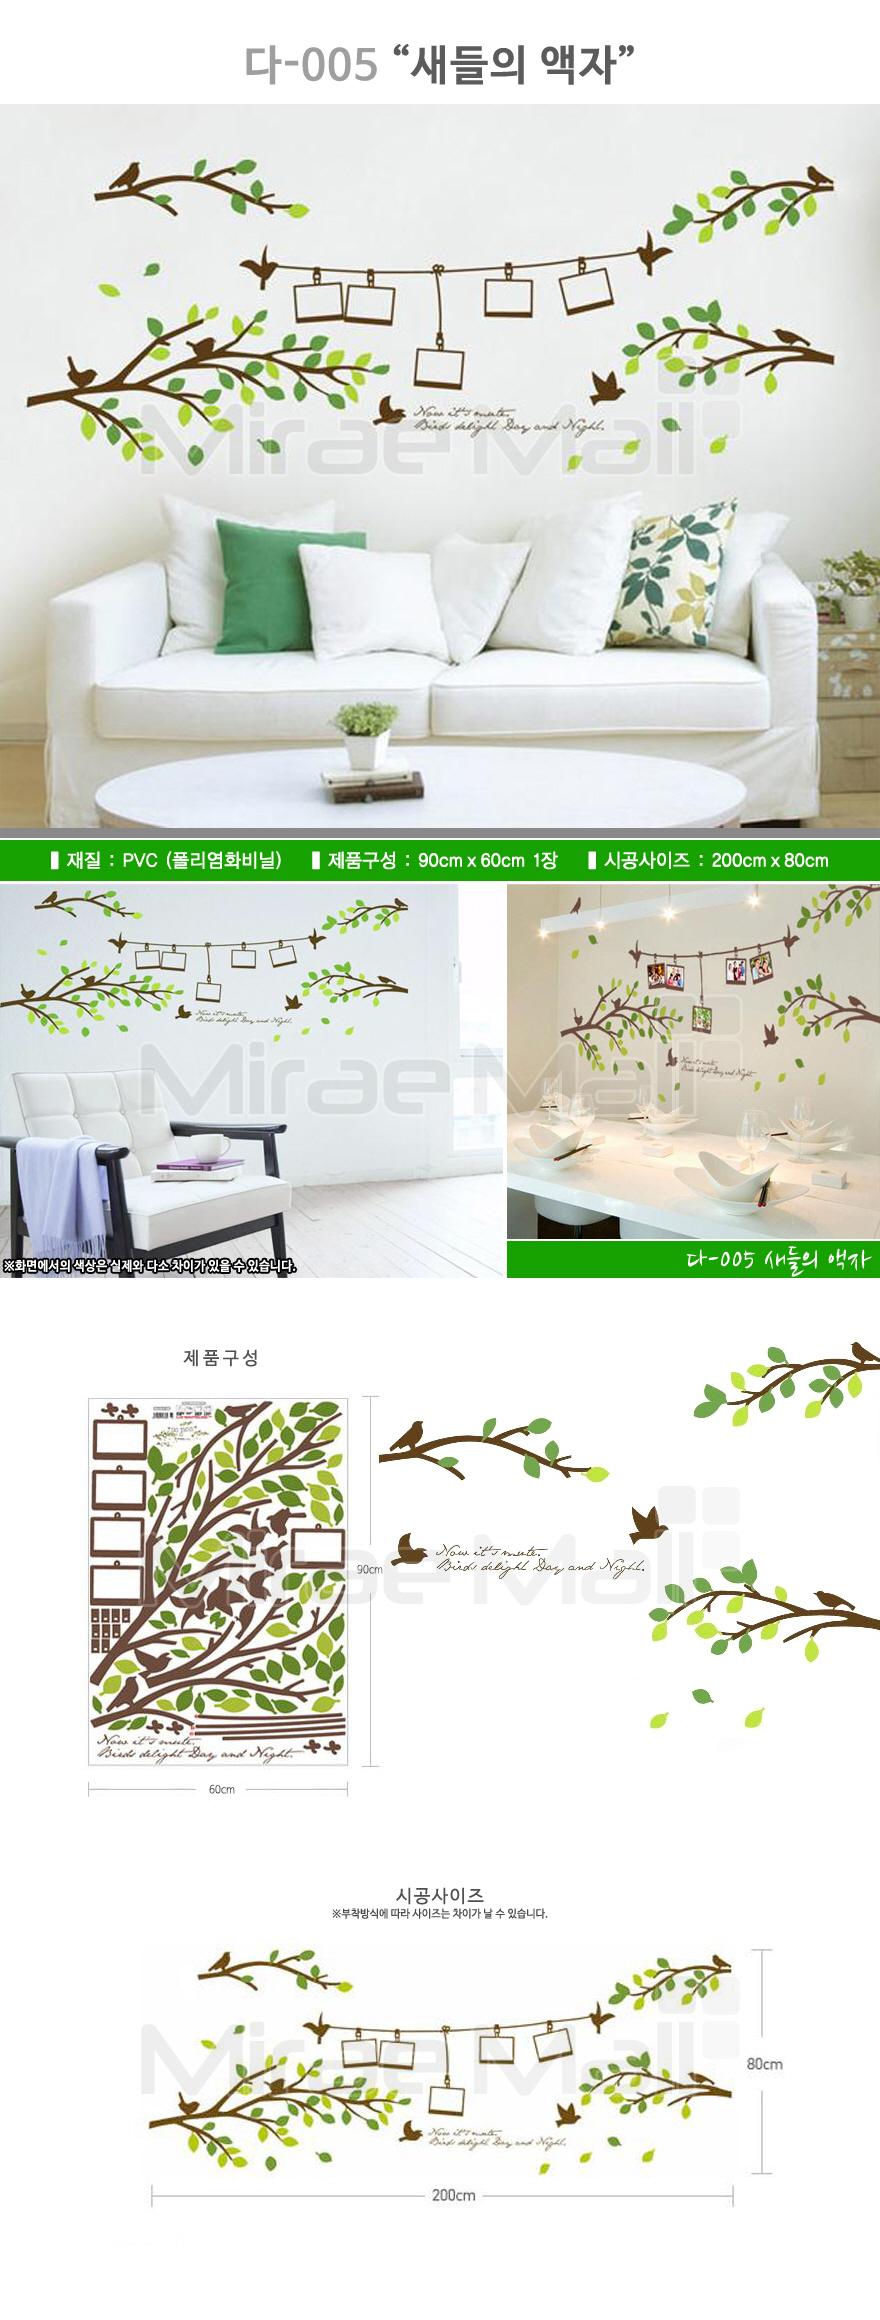 액자 포인트스티커 - 미래몰, 1,900원, 월데코스티커, 나무/나뭇가지